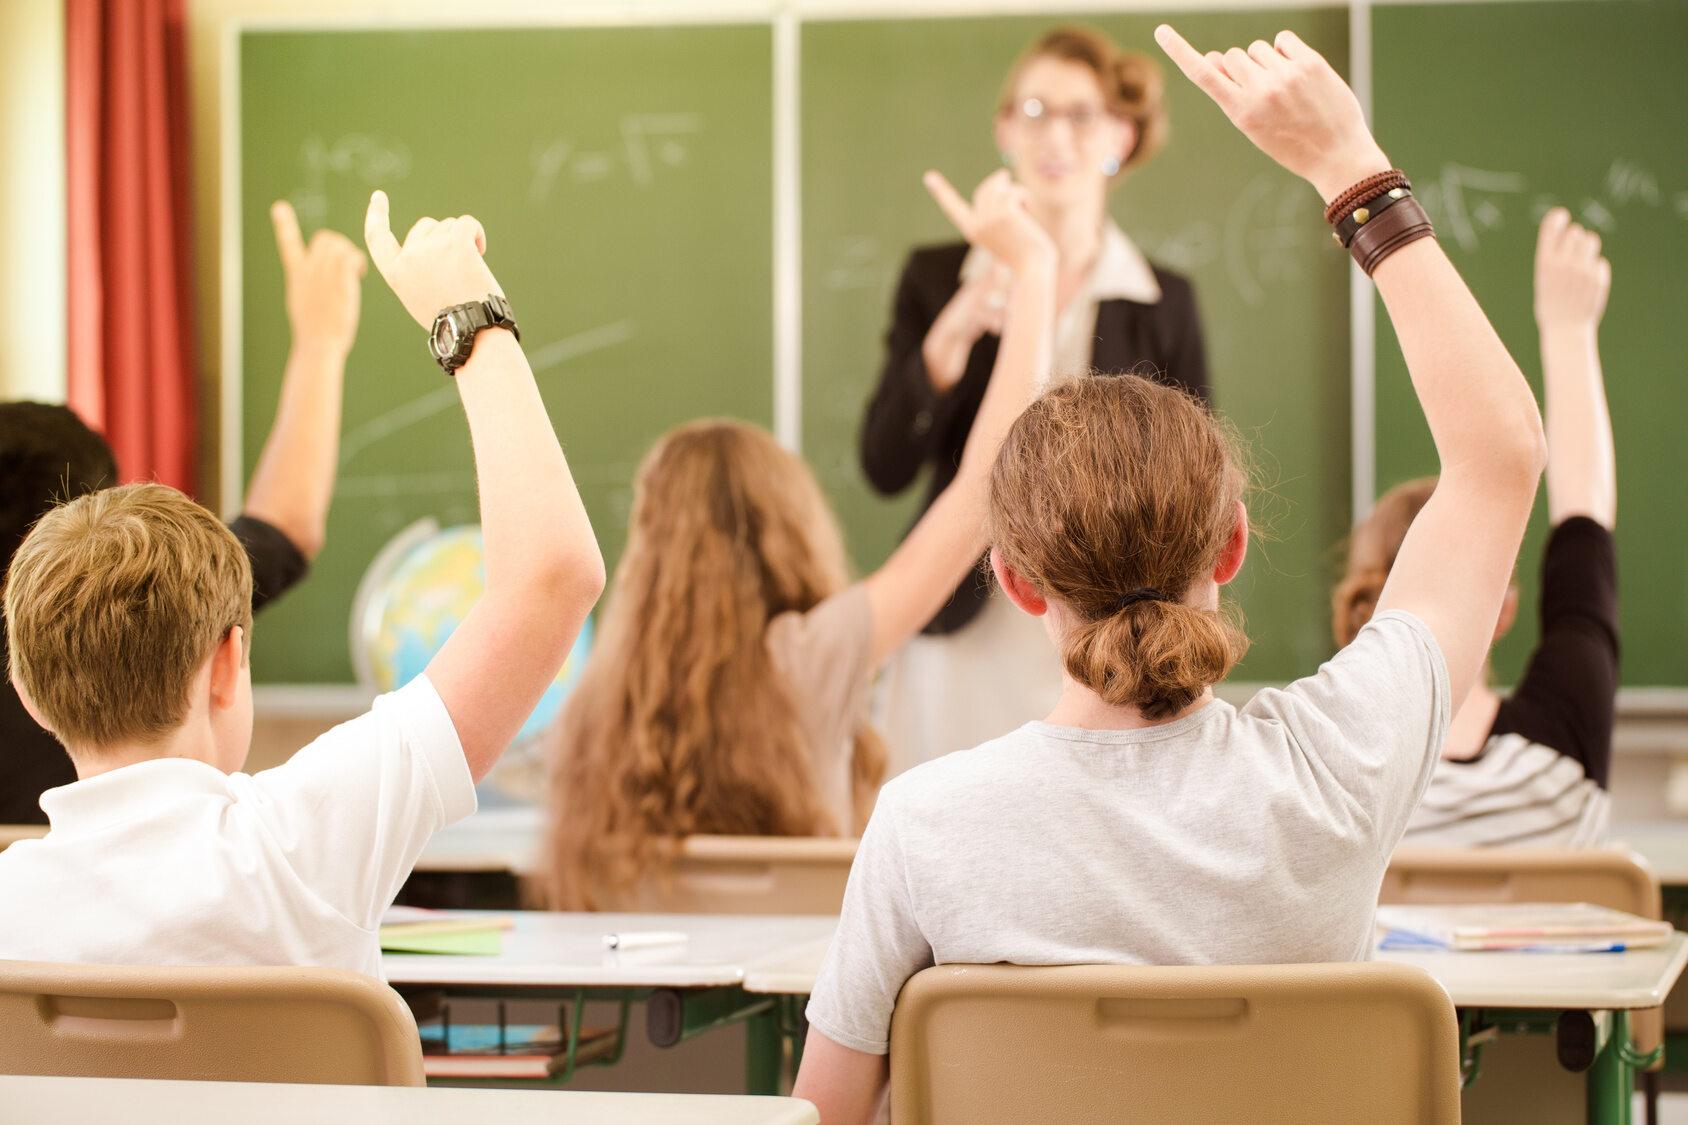 Nauczyciel, zdjęcie ilustracyjne